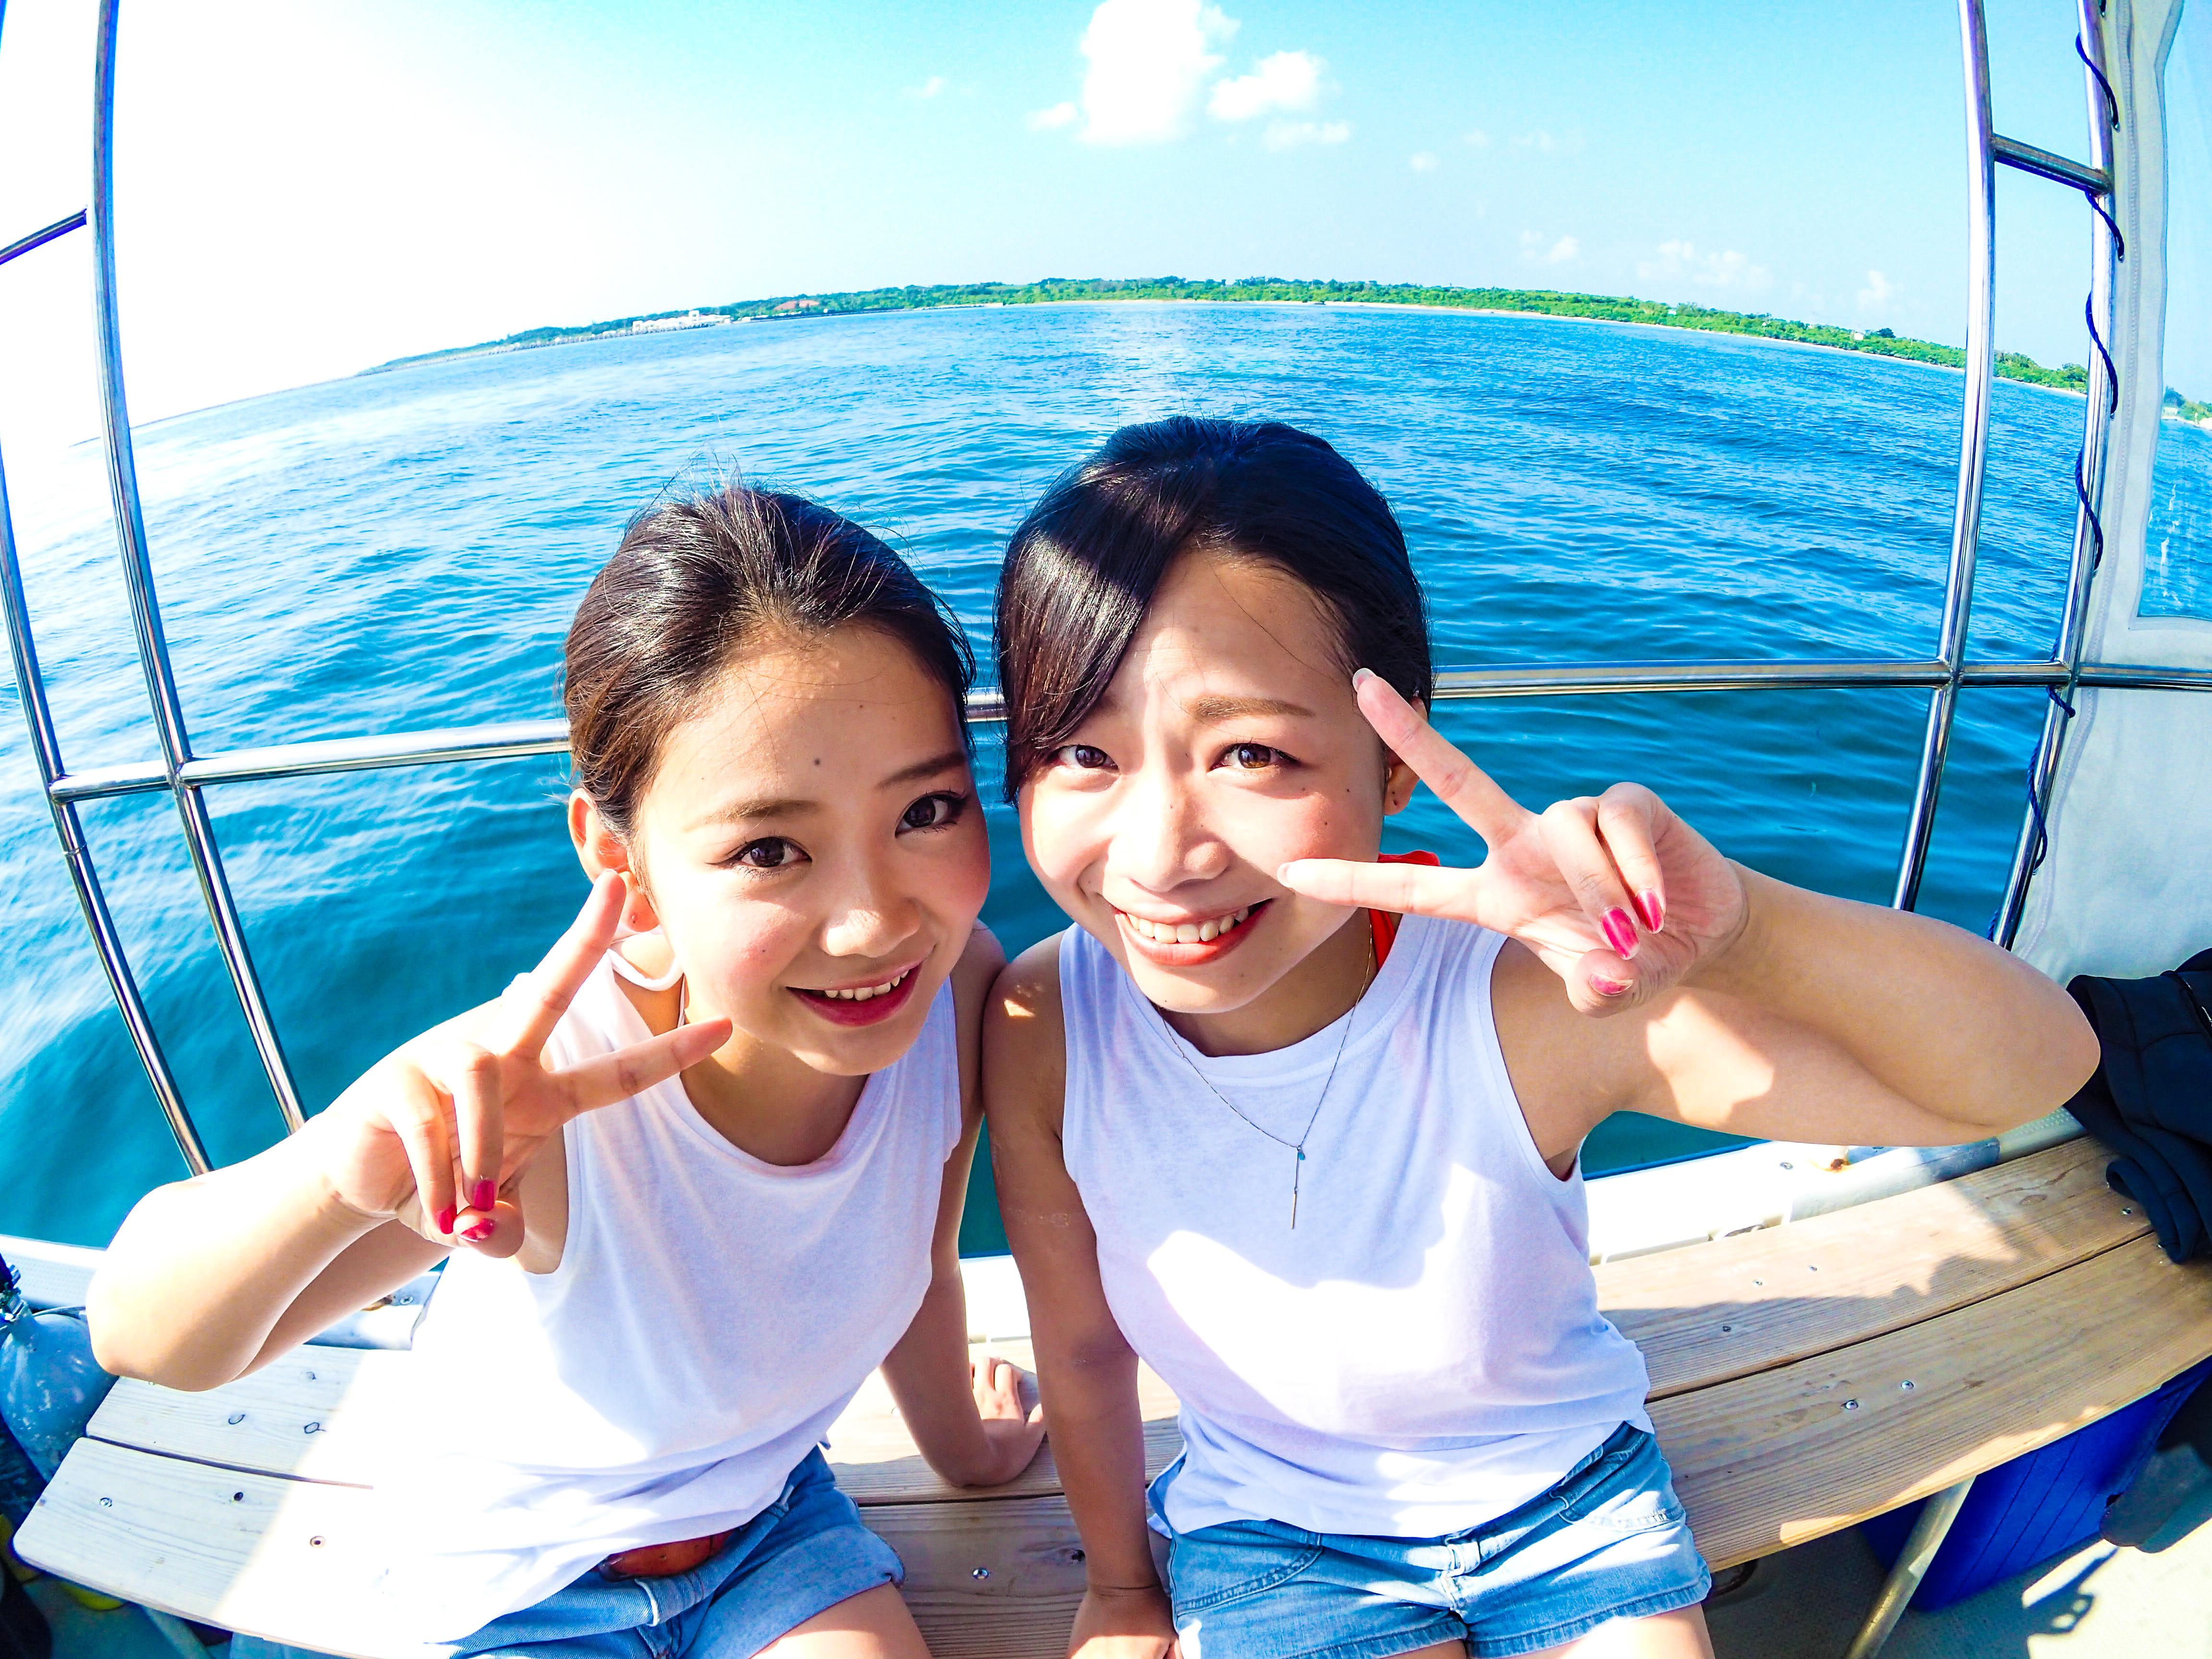 1日満喫パック!「幻の島」体験ダイビング&シュノーケリング&ちょい釣りツアー(ランチ付)(No.346)